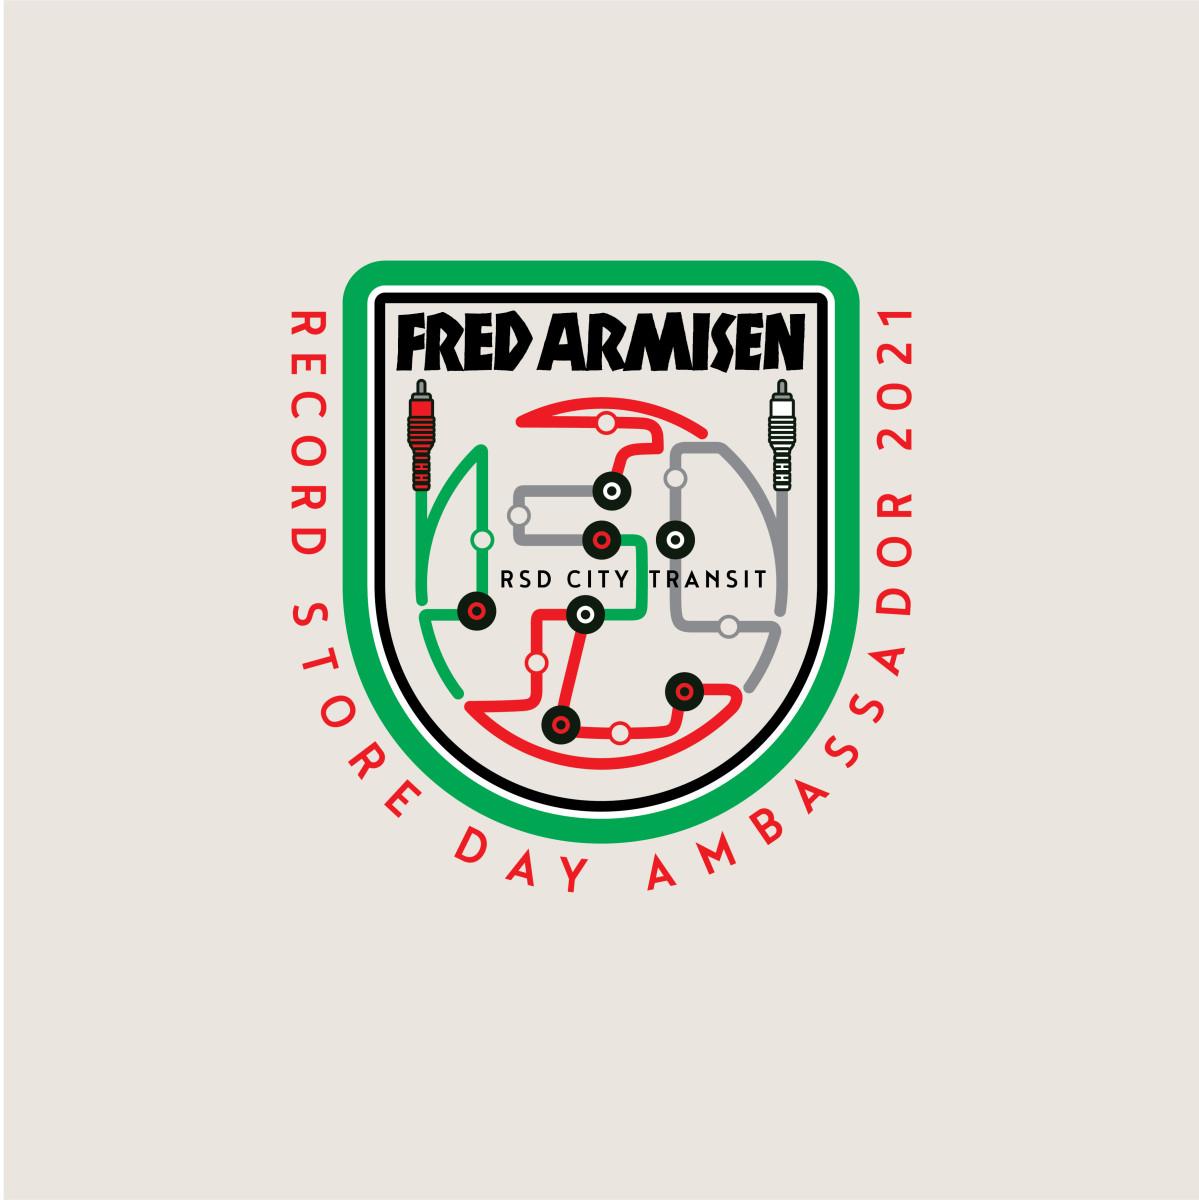 Fred Armisen - Parade Meeting